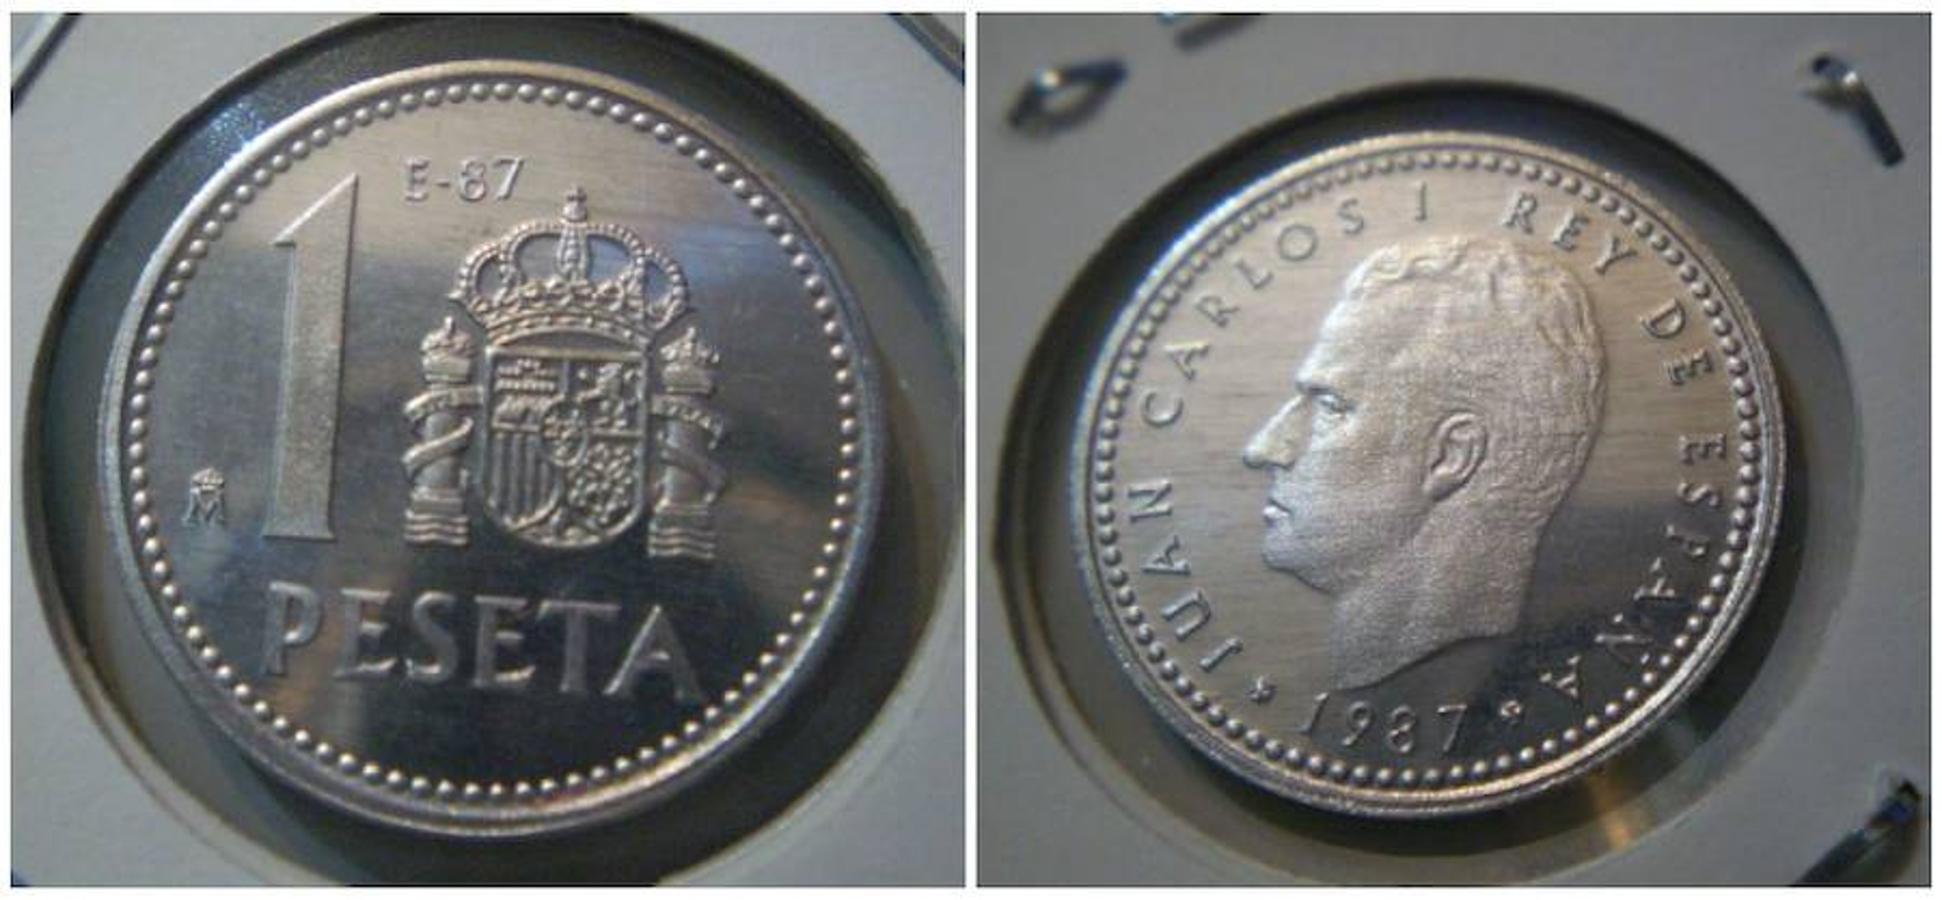 Peseta 1987 E-87. Fue acuñada con motivo de la III Exposición Nacional de Numismática. Los coleccionistas suelen pagar unos 45 euros por ella.